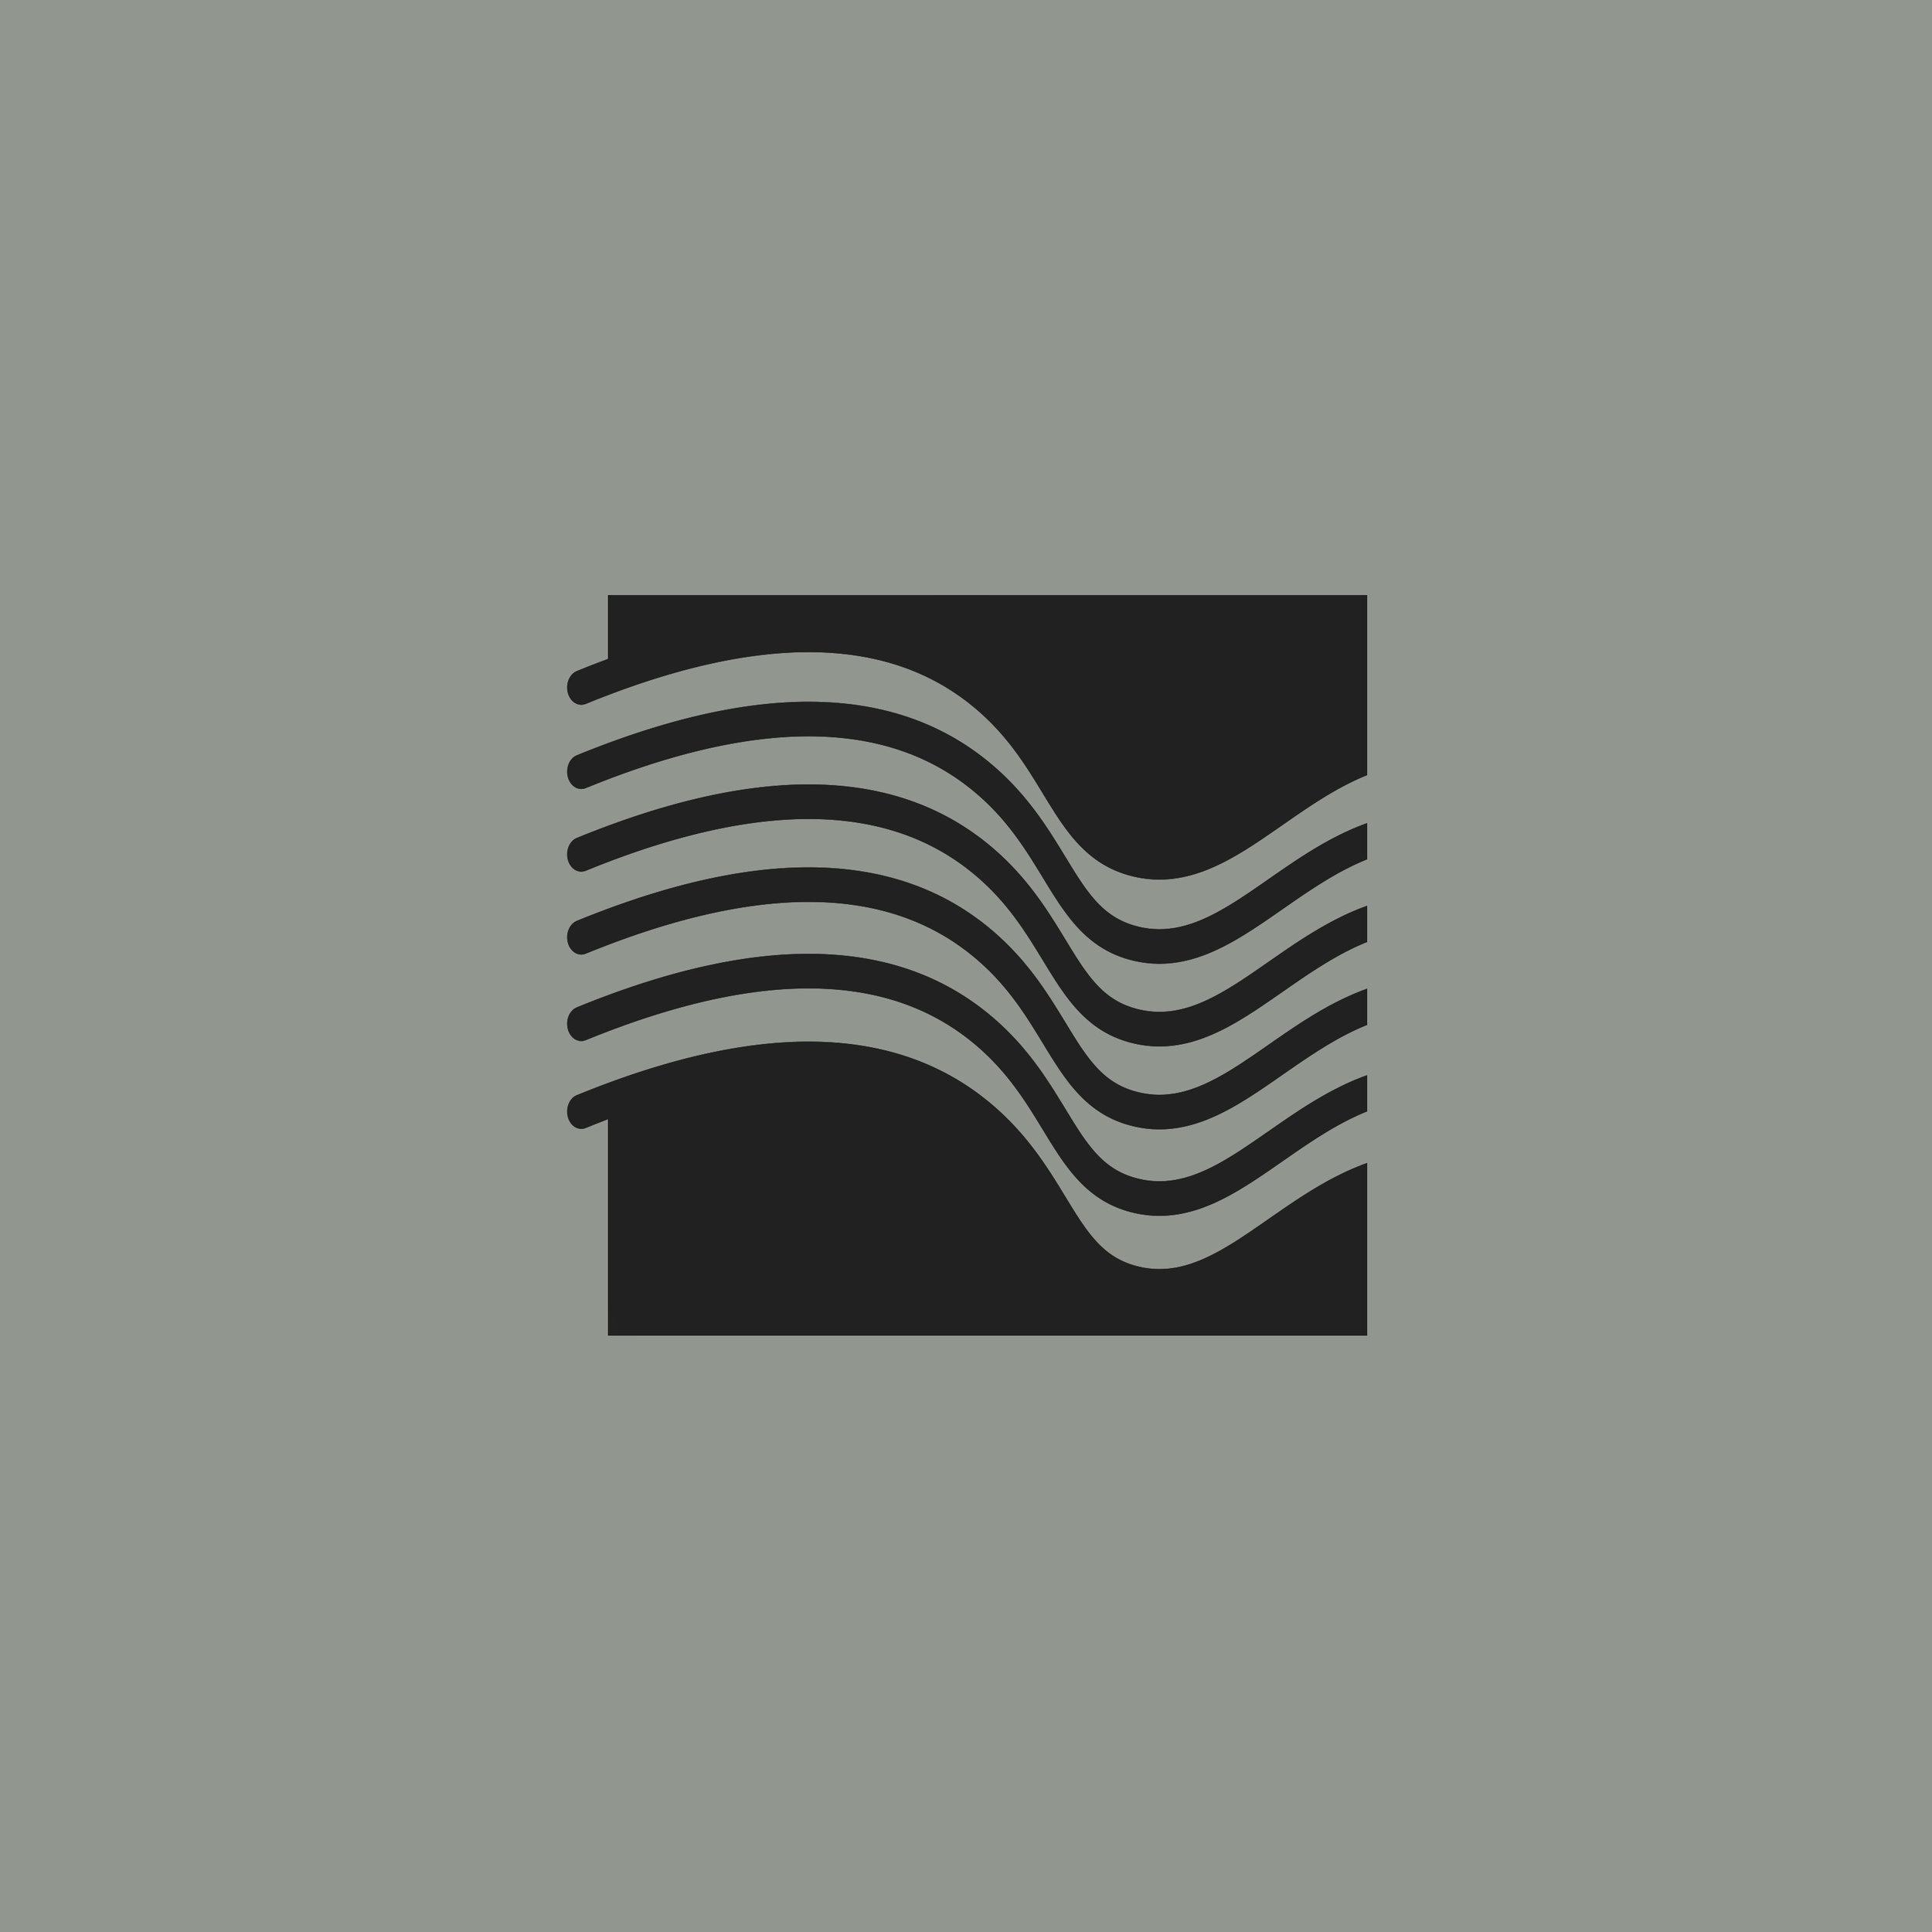 Mahr Design_Insta_logo5.jpg